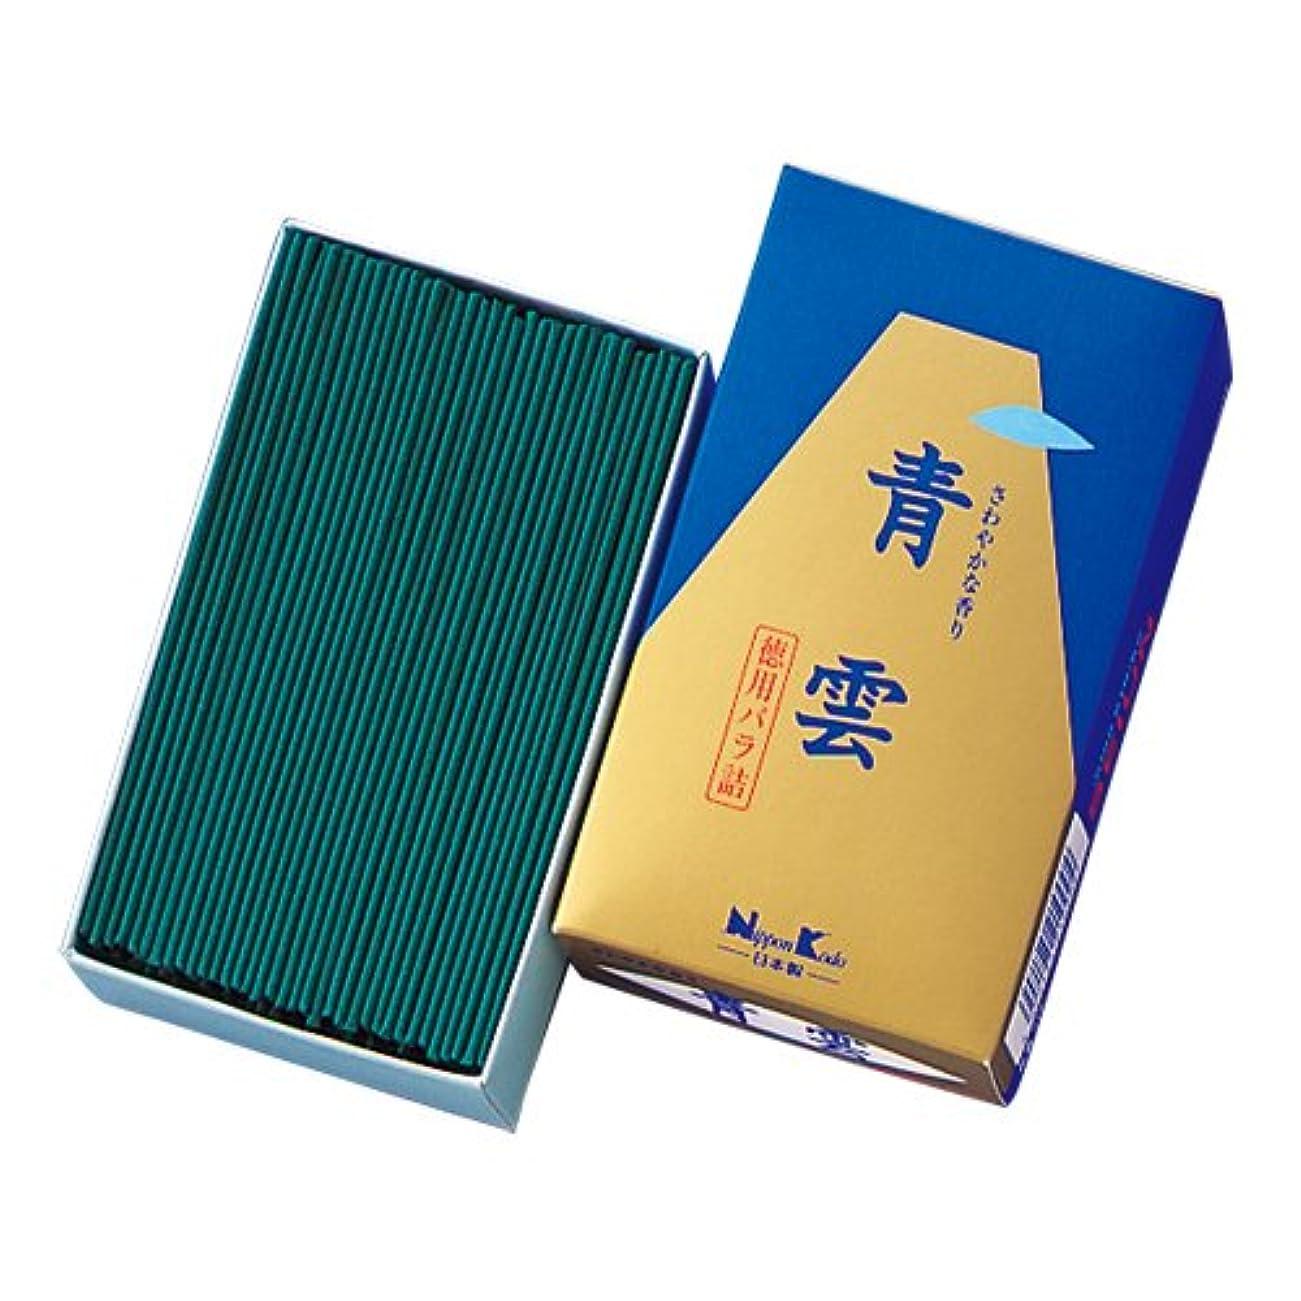 主国旗半島青雲 徳用バラ詰 (約157g)